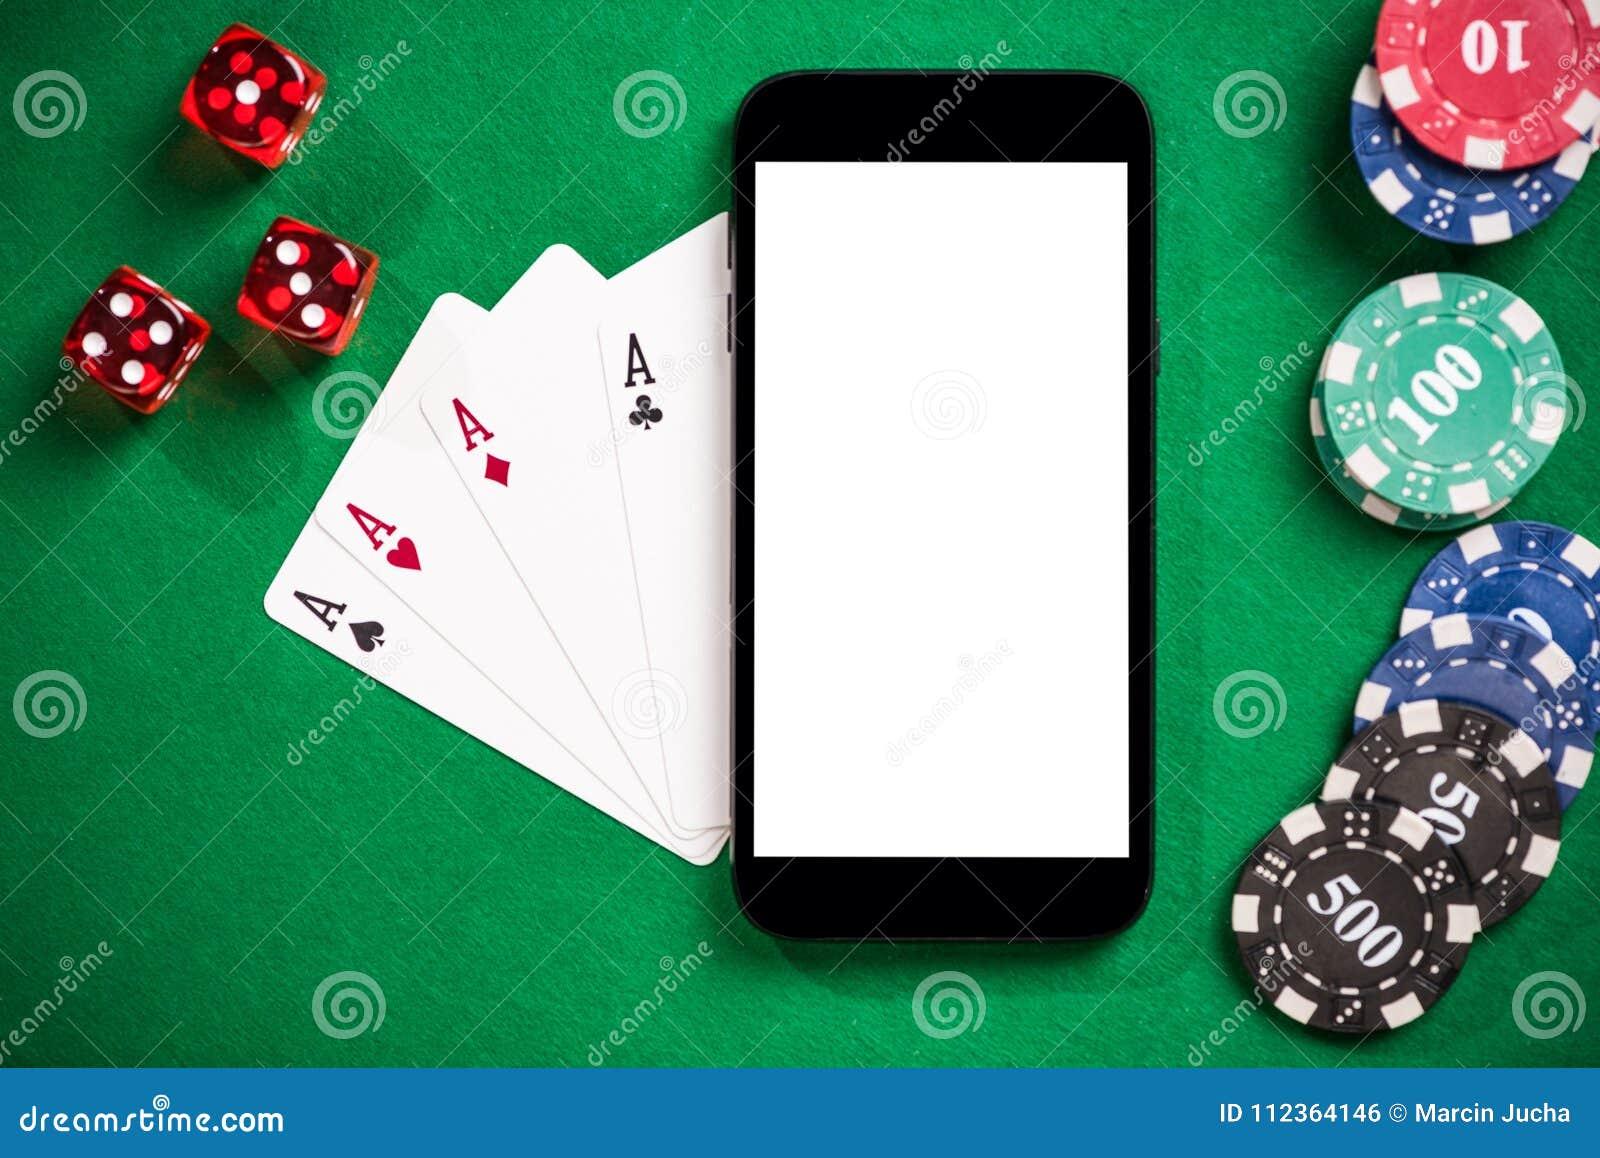 Онлайн покер для мобил как выграть в игровые автоматы схемы игры